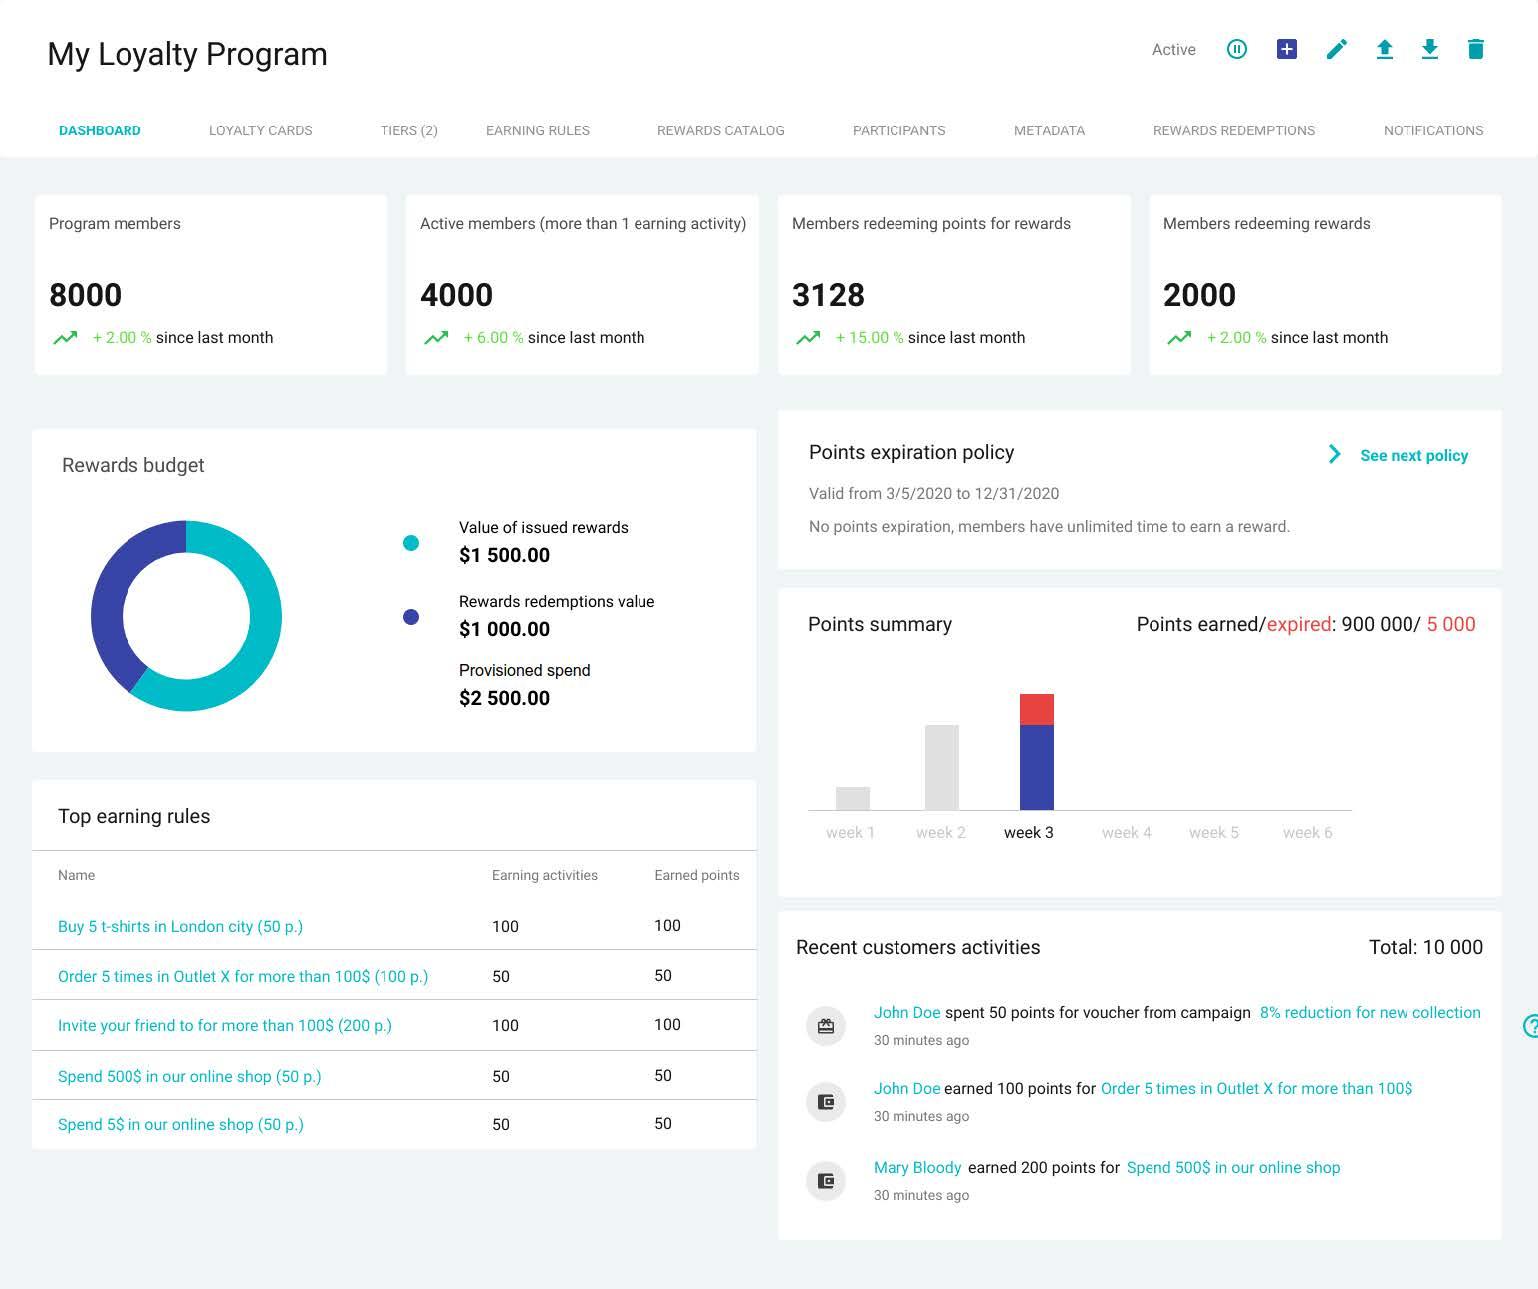 Loyalty program metrics